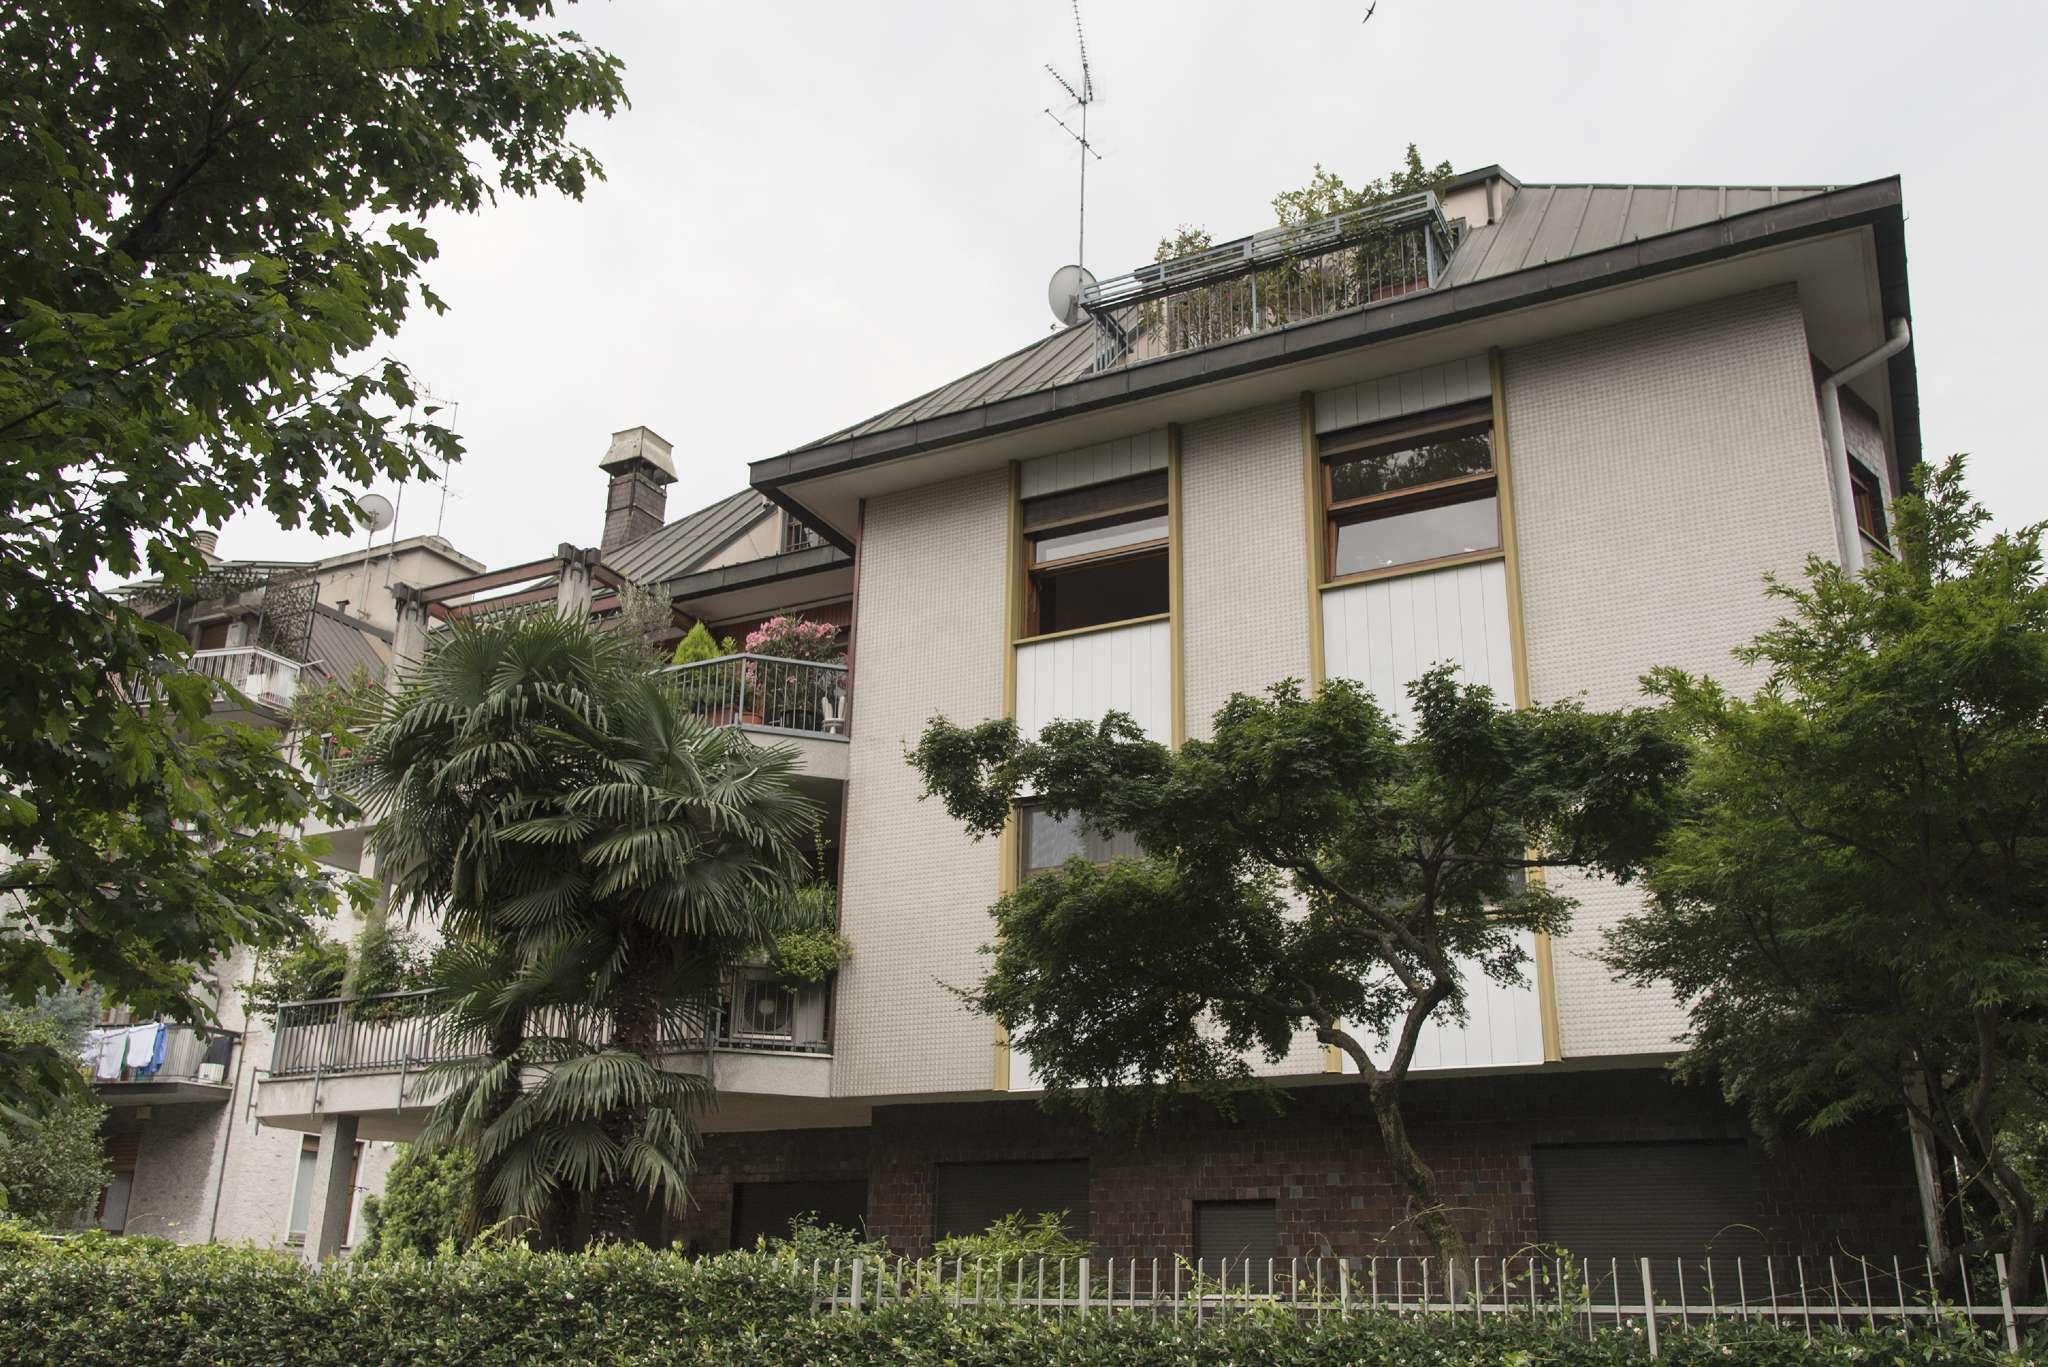 Attico in Vendita a Milano via privata bonzagni